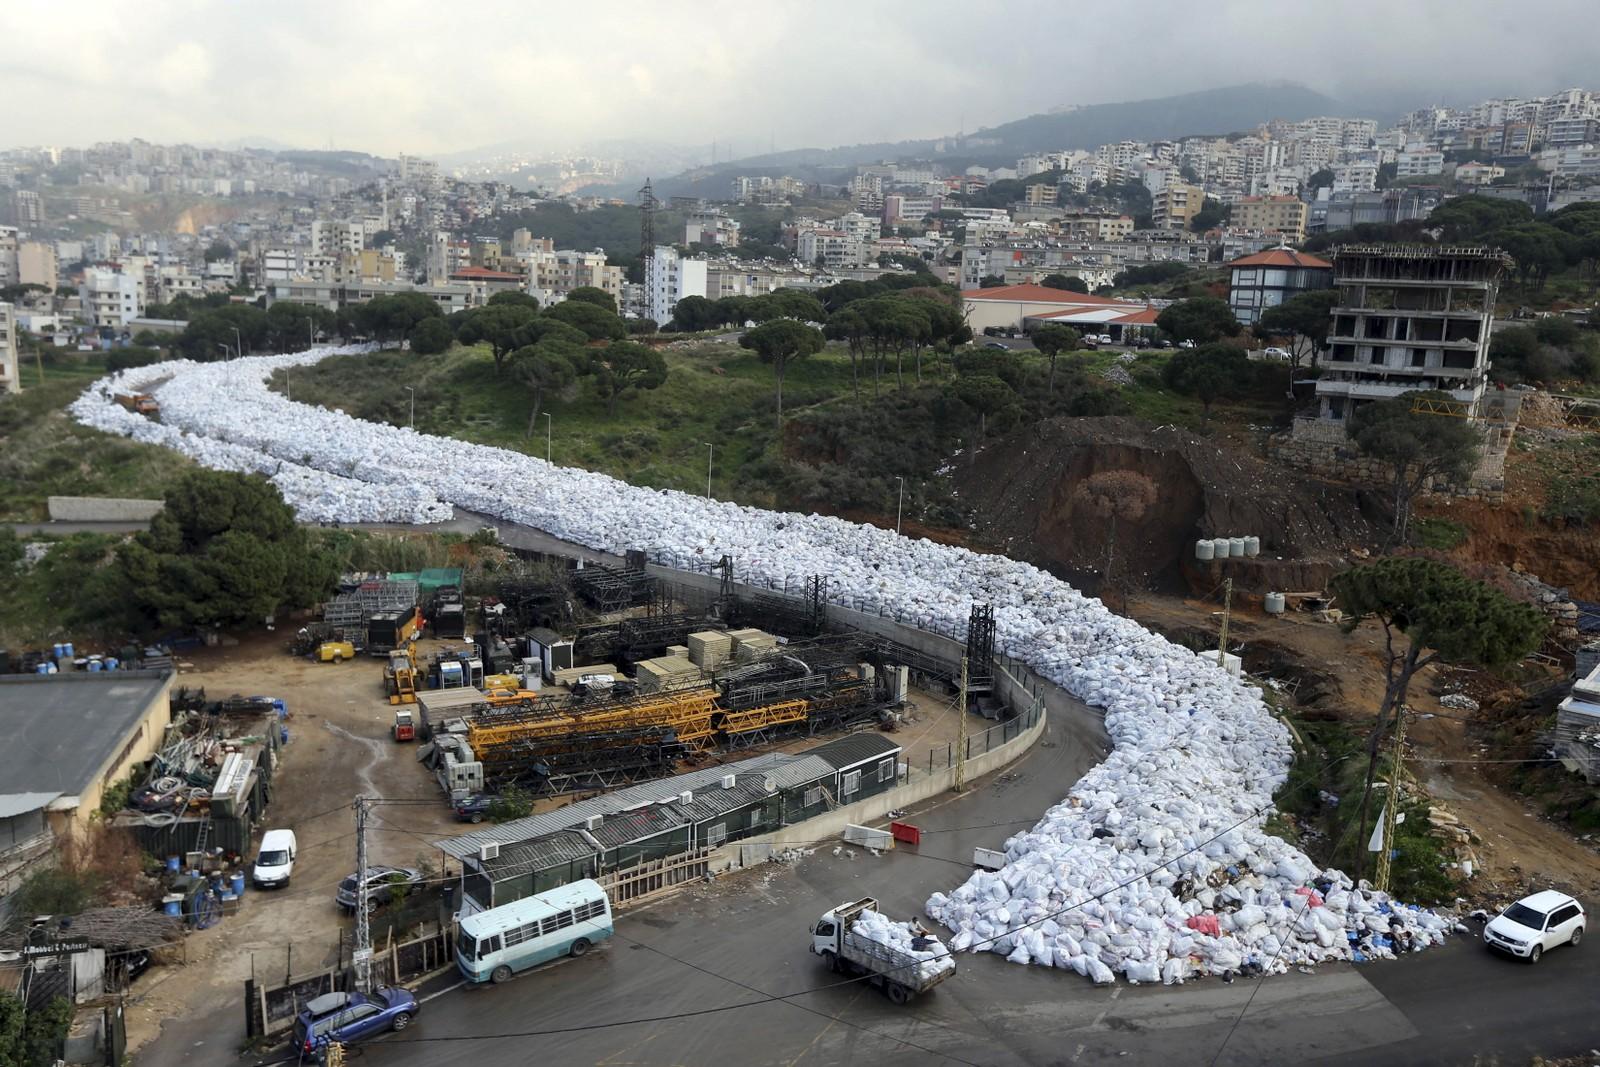 I store deler av 2016 slanget en elv av stinkende søppel seg gjennom Jdeideh, en forstad til Beirut. Problemene kom da en søppelfylling i Beirut ble stengt uten at et alternativ var på plass.